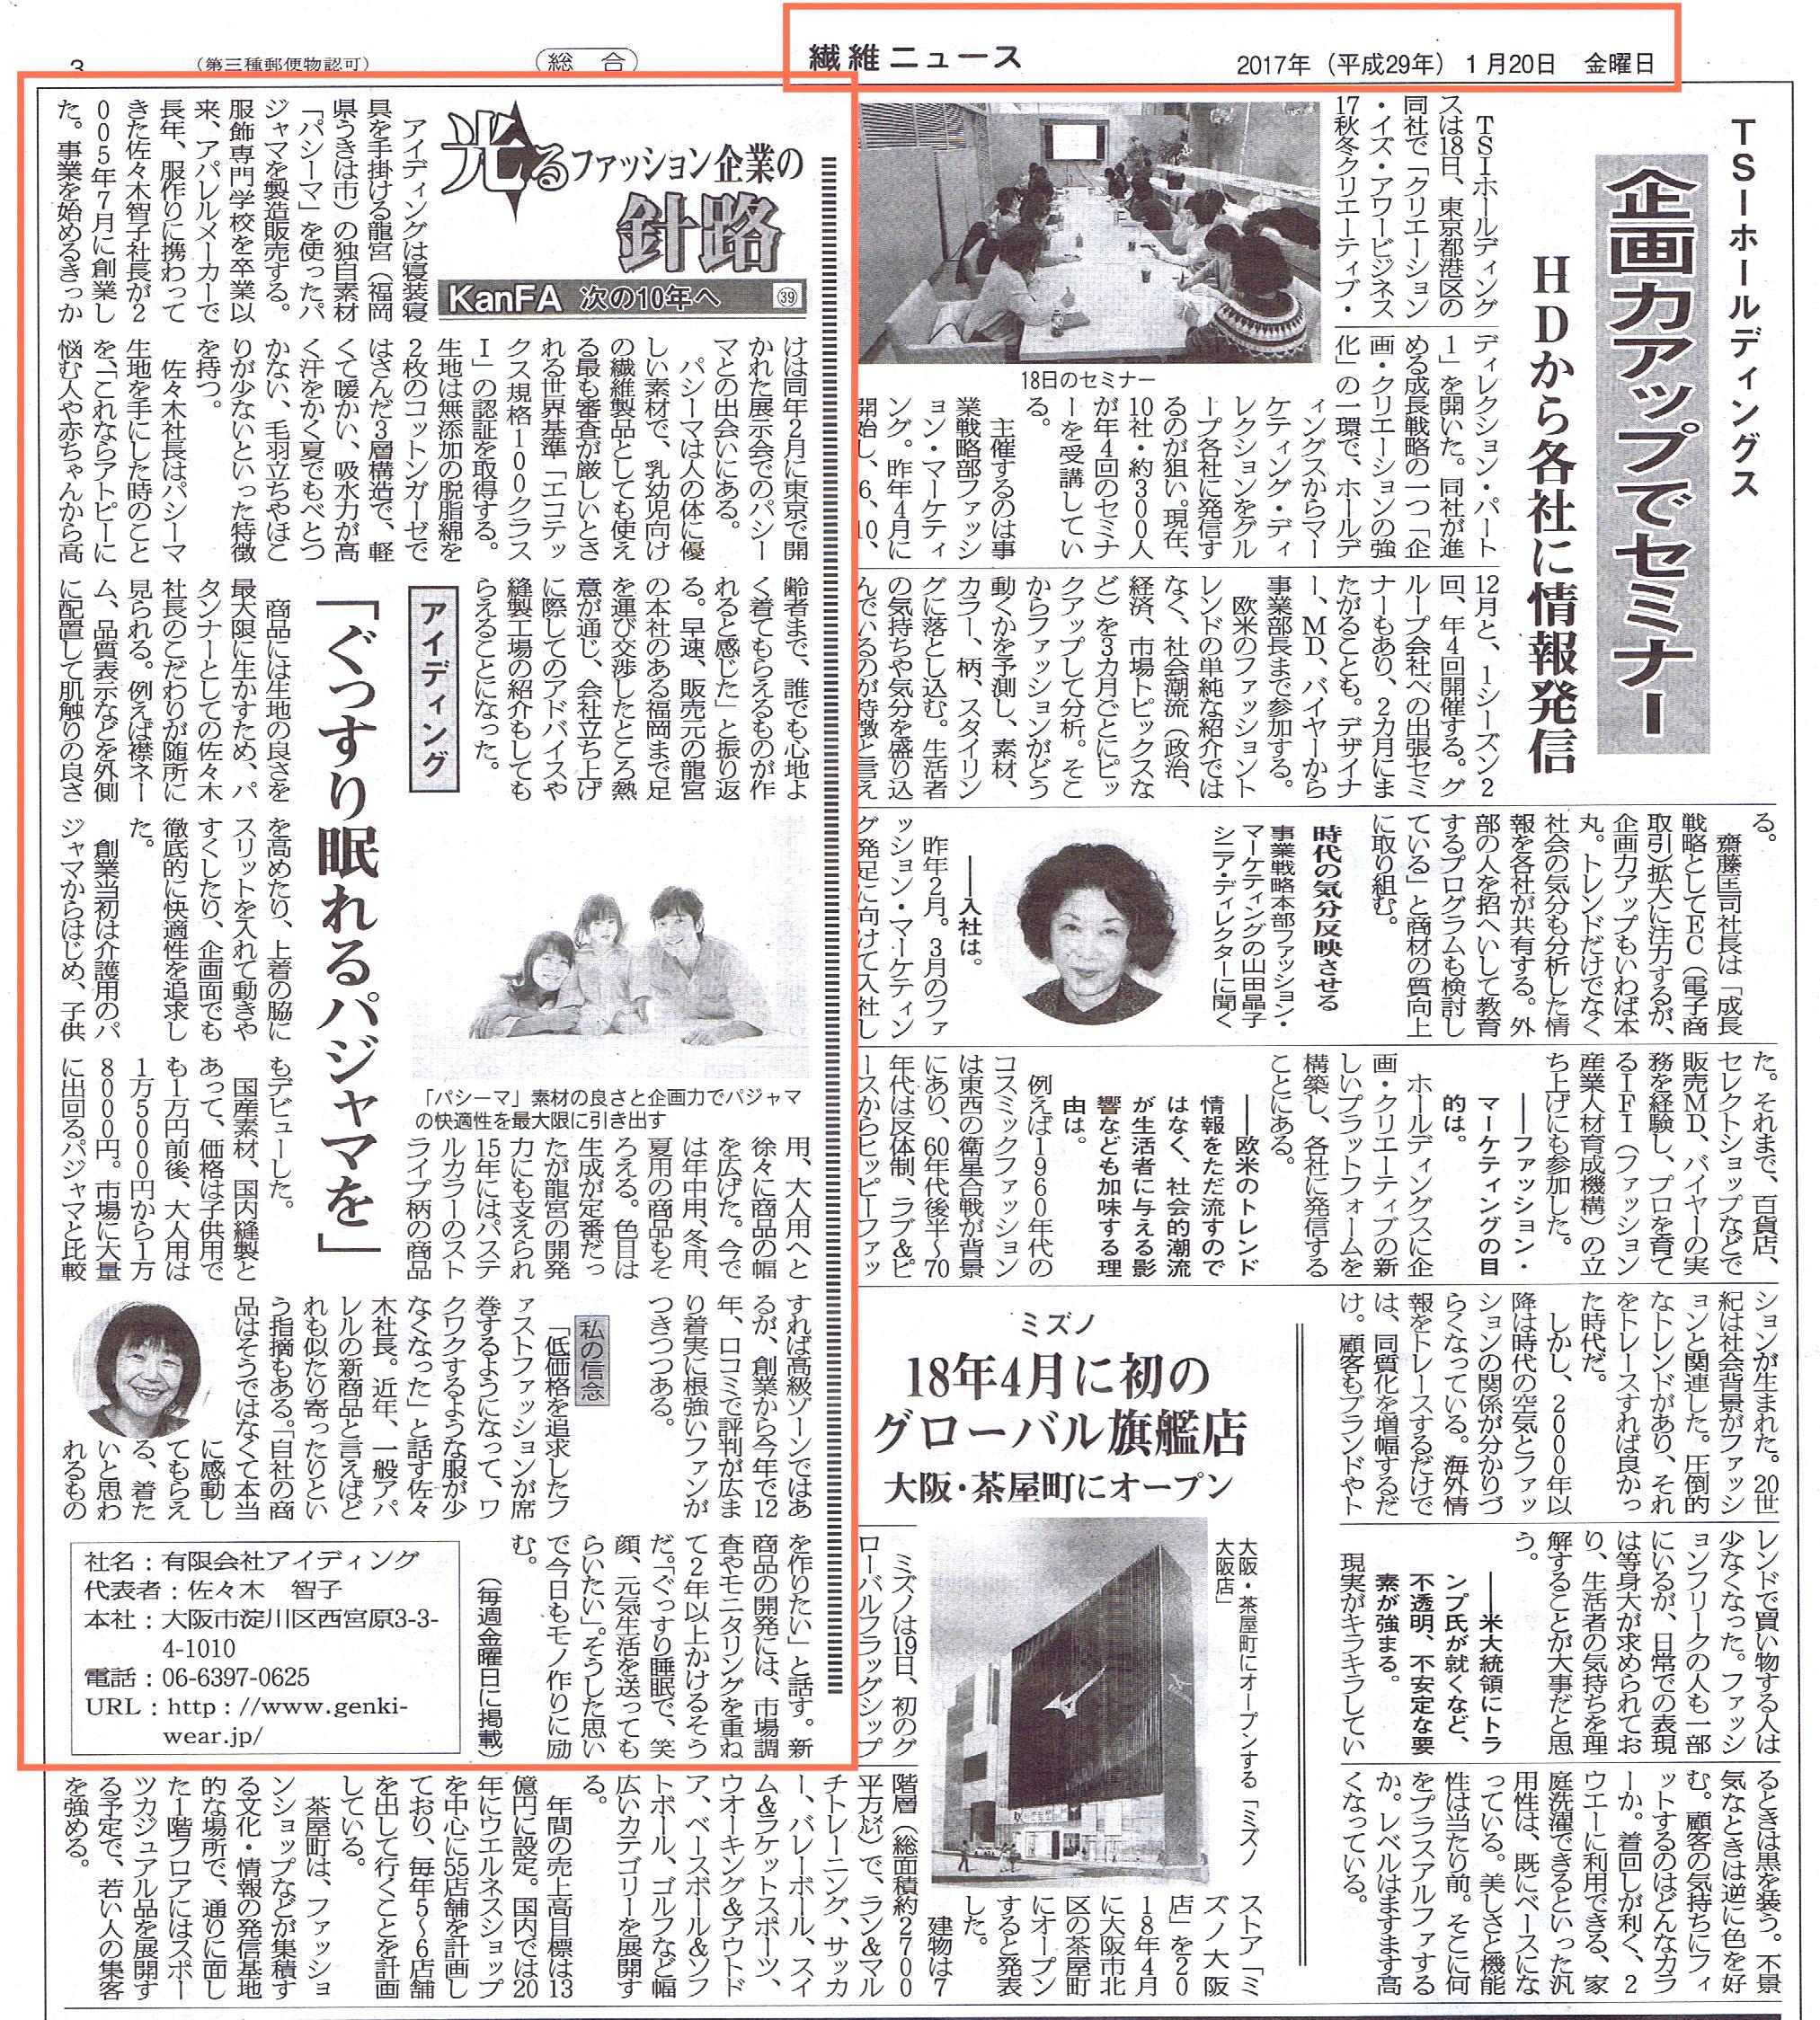 繊維ニュース 掲載2017年1月20日